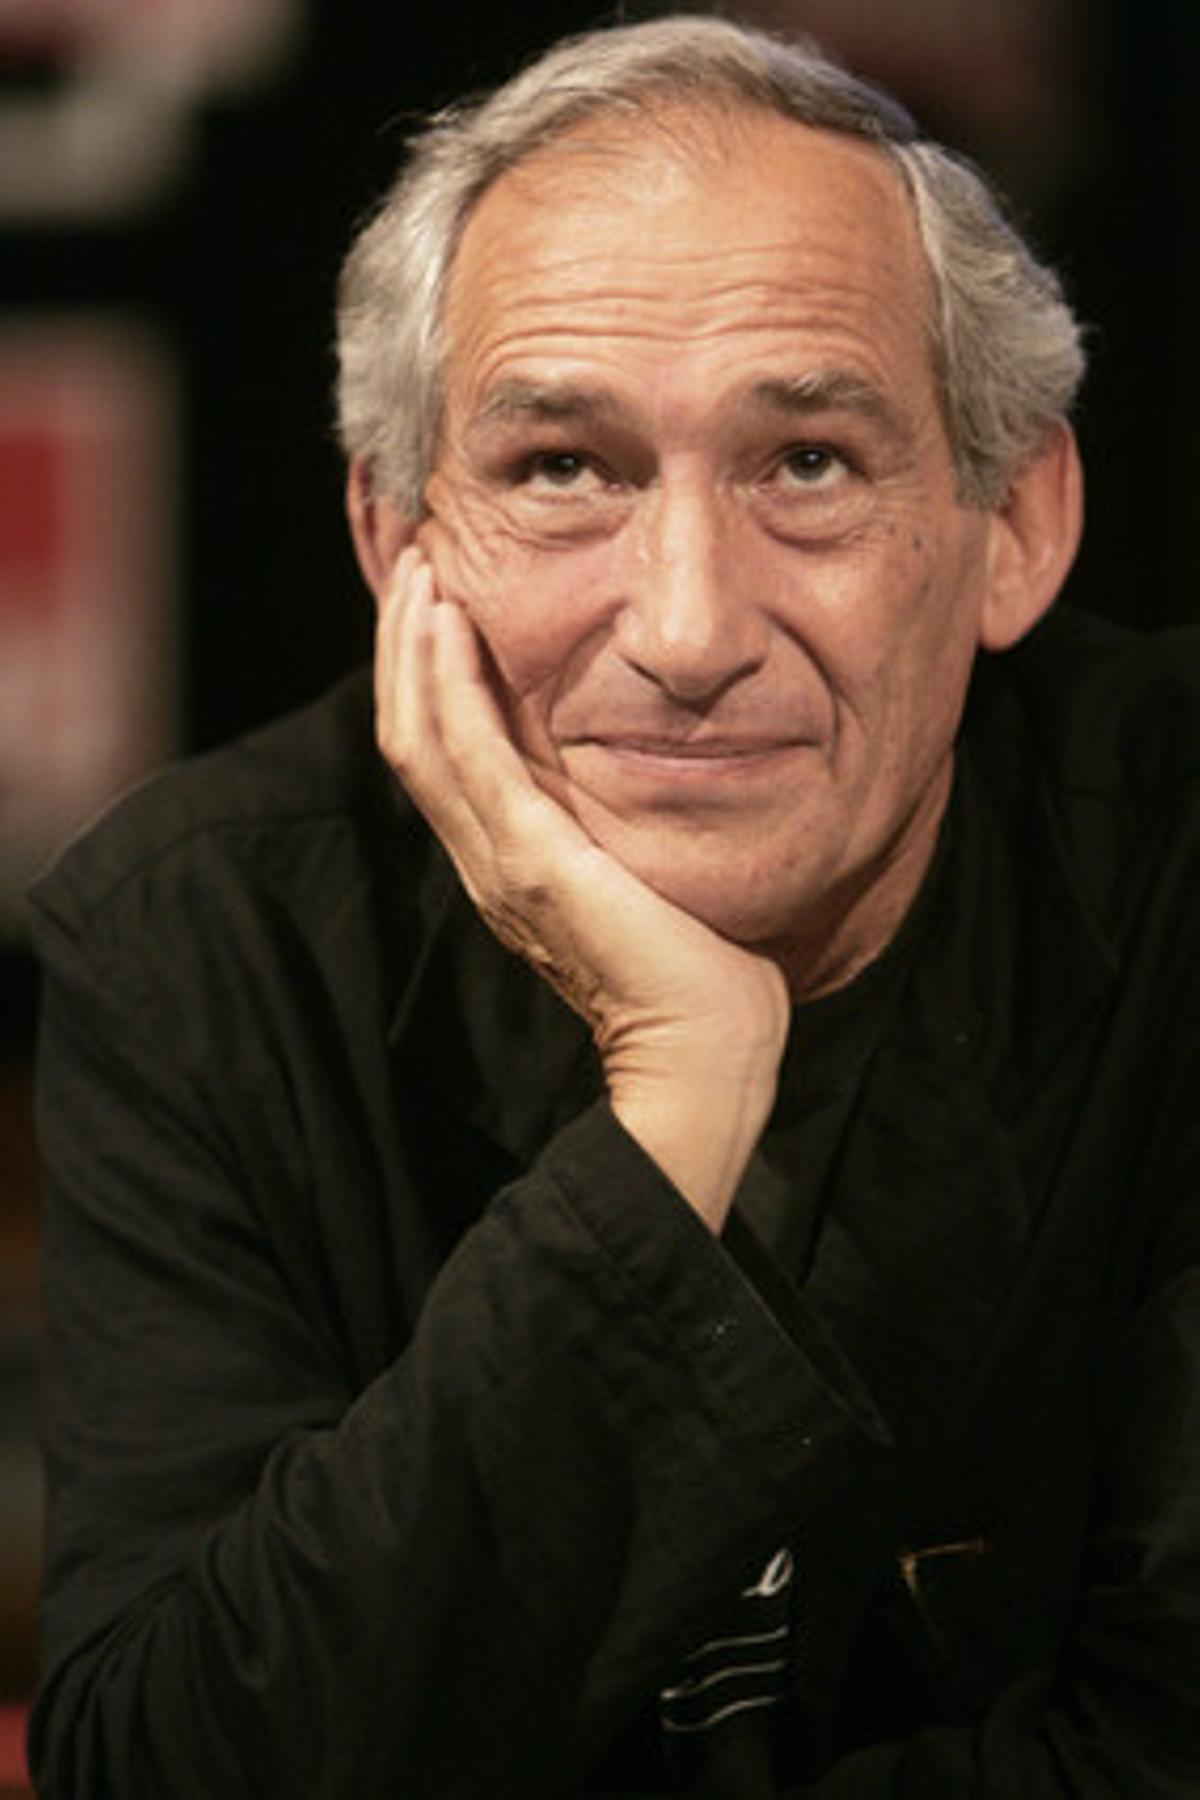 Alain Corneau en un estudio de radio francés, en 2006.